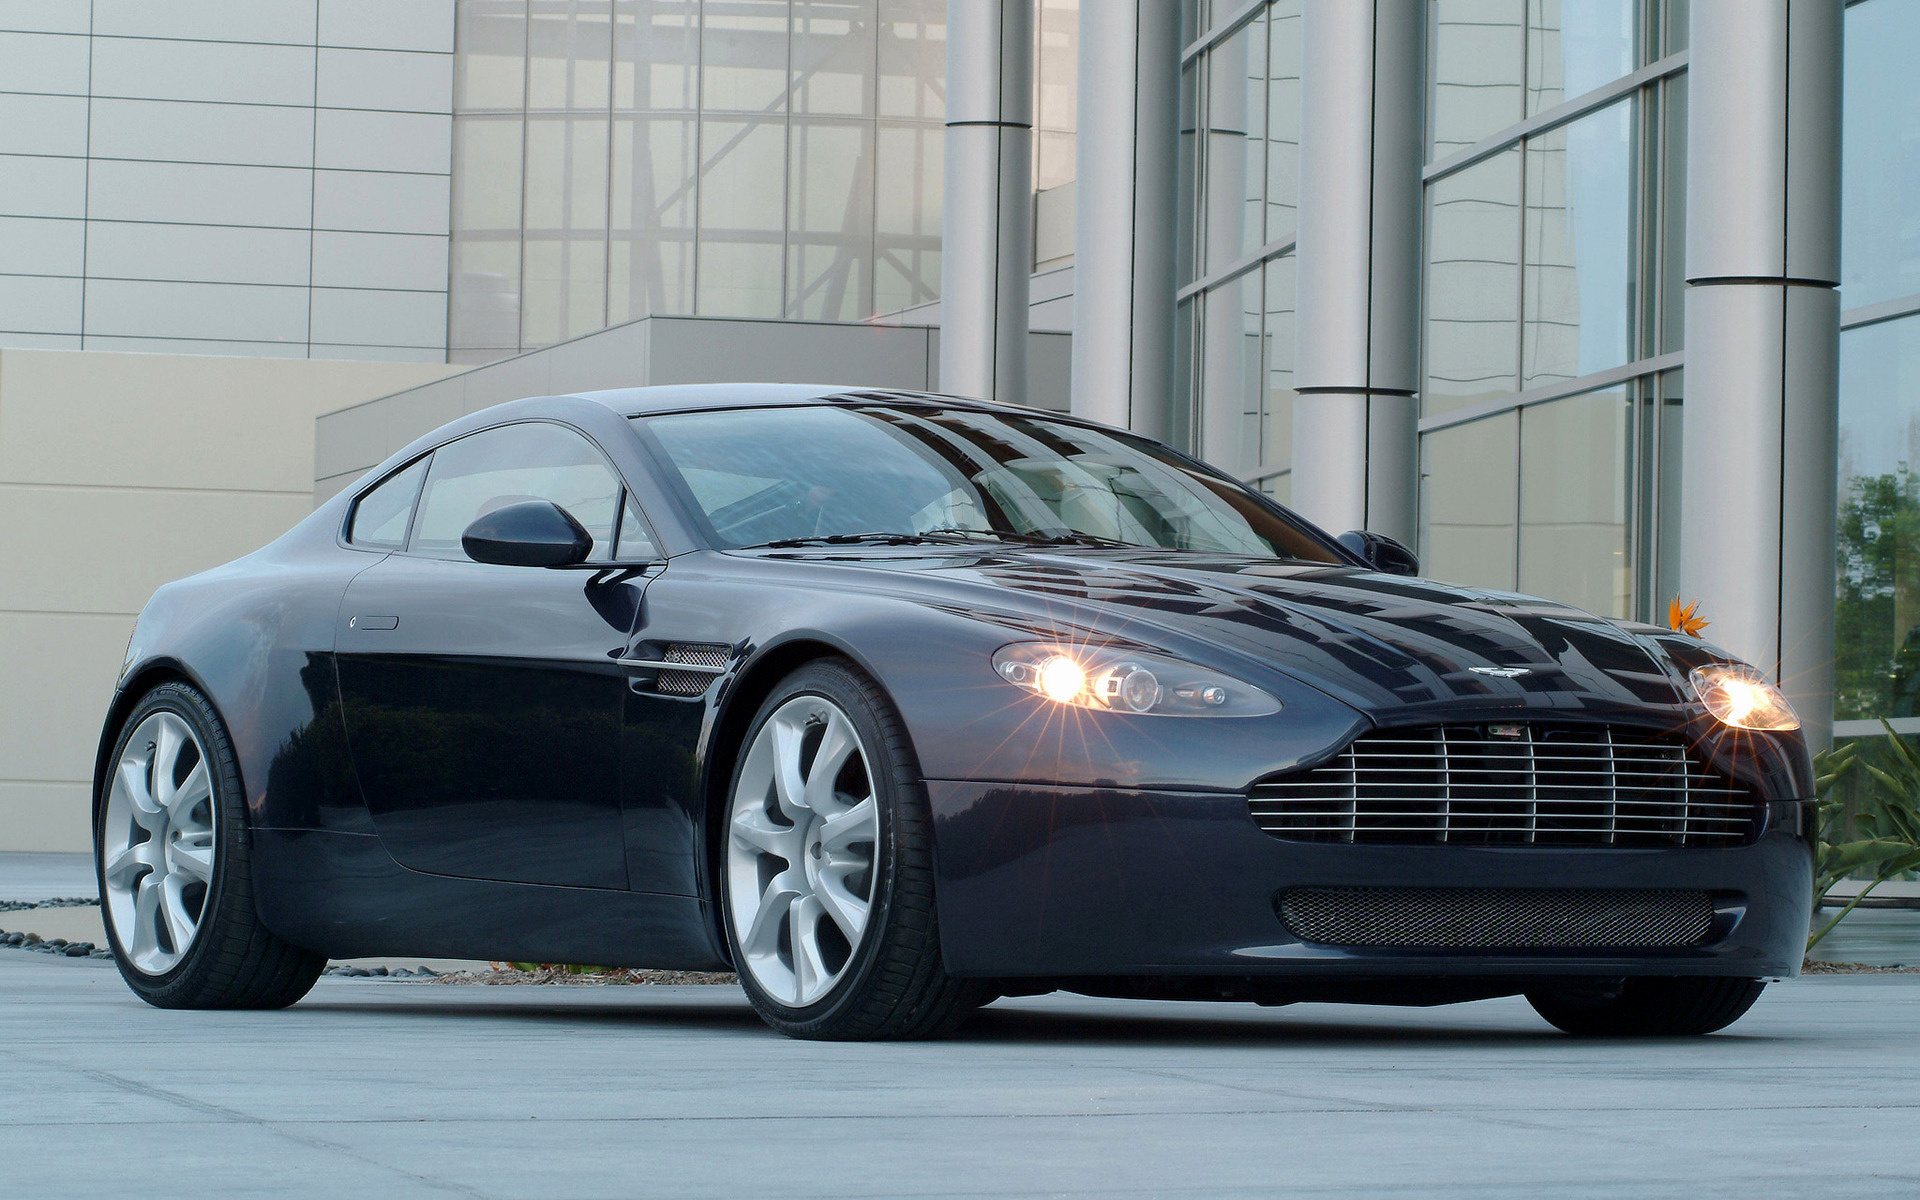 2003 Aston Martin Amv8 Vantage Concept Hintergrundbilder Und Wallpaper In Hd Car Pixel